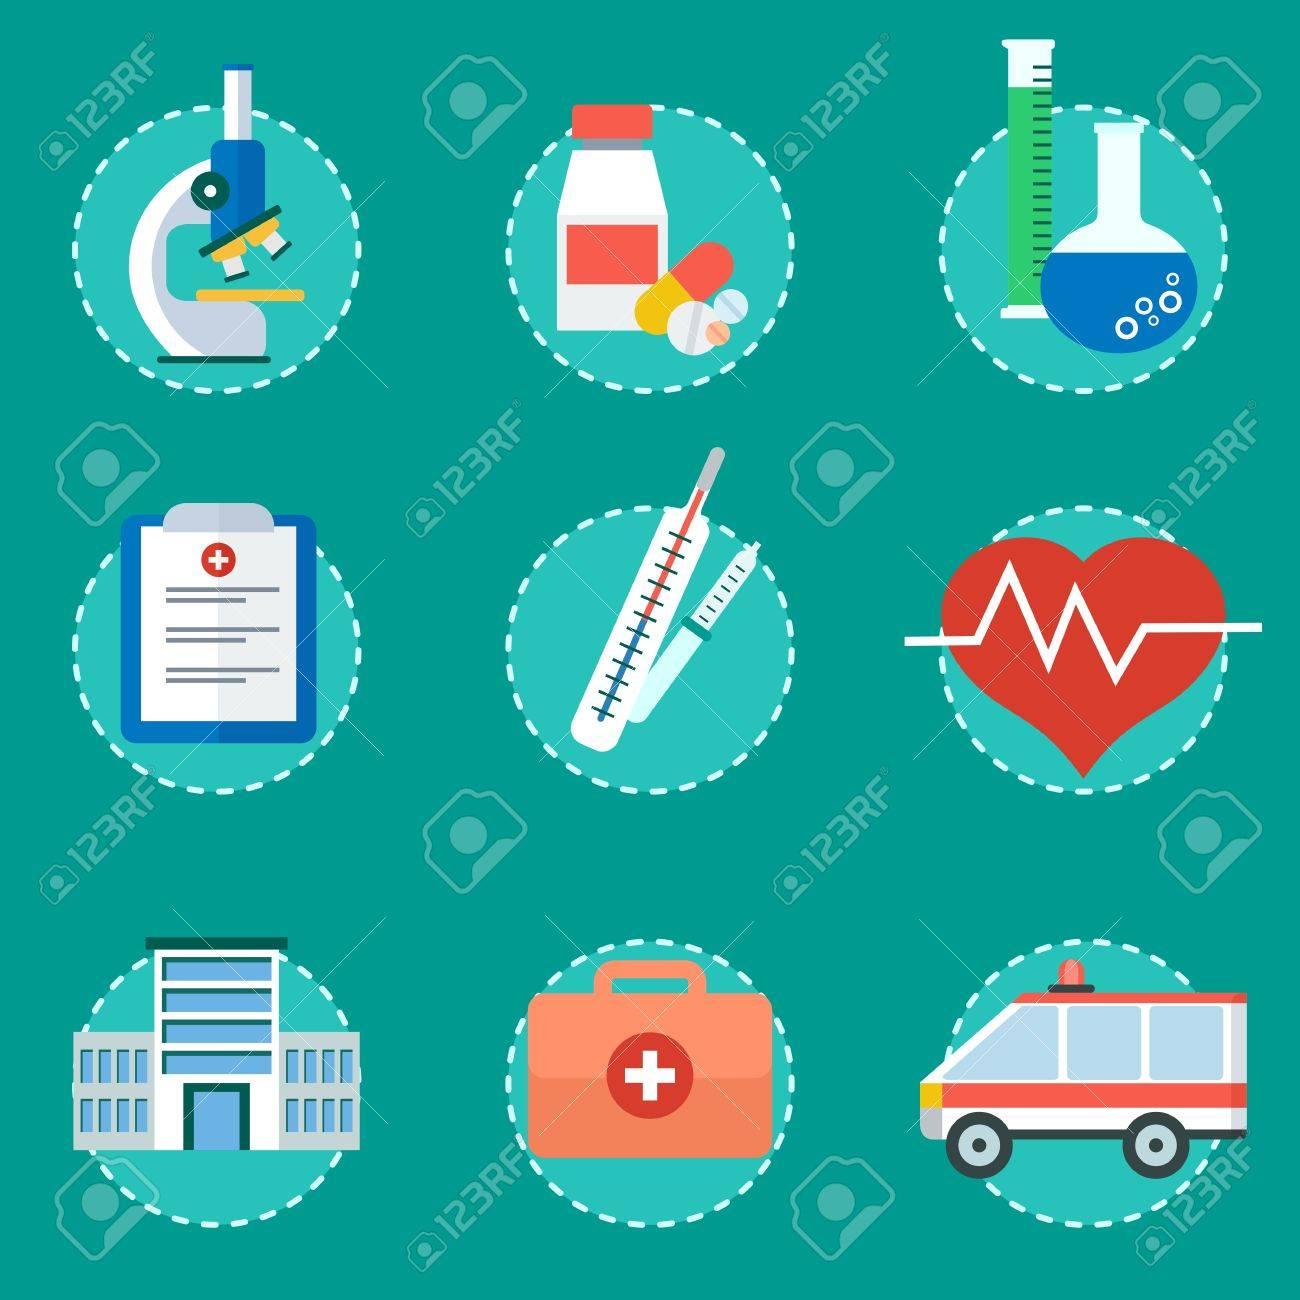 Medicina Concepto De Servicios De Salud Elementos De Infografía Médica Ilustración Vectorial De Dibujos Animados Plana Los Objetos Aislados Sobre